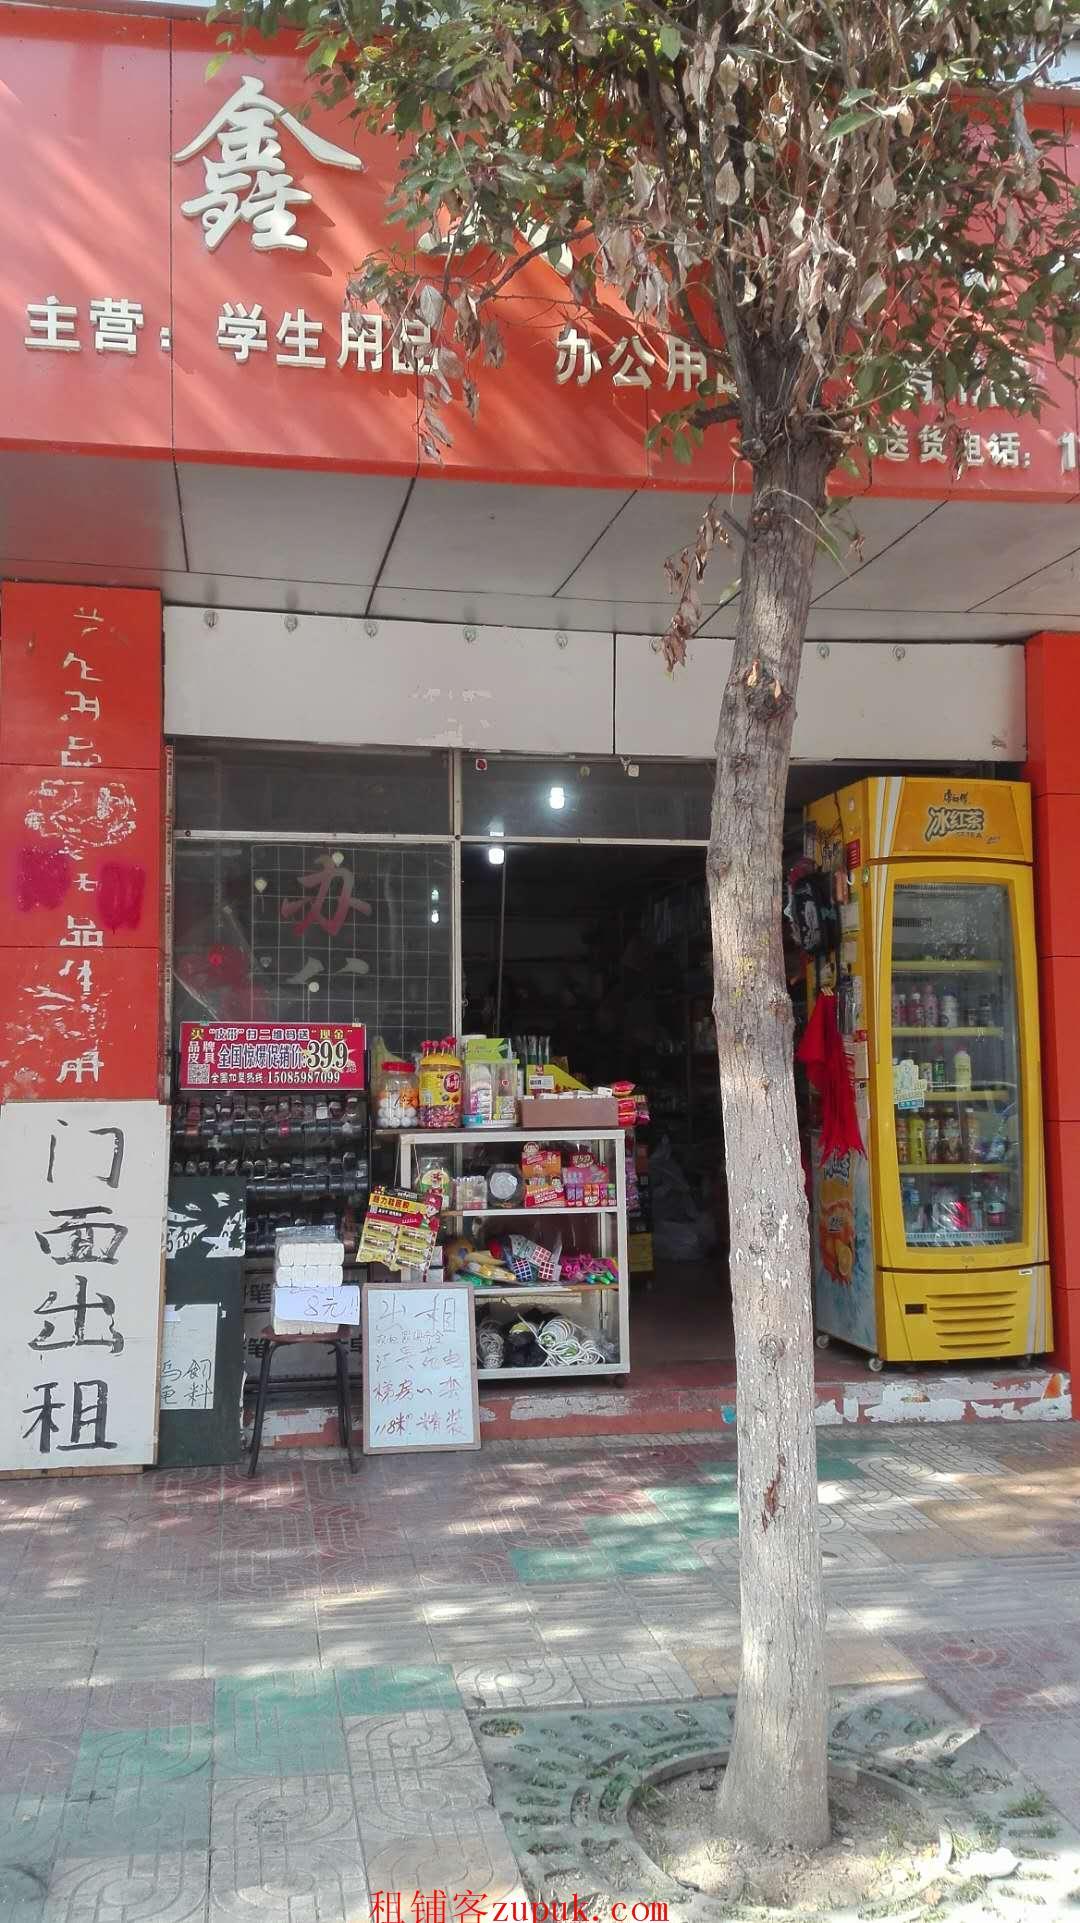 小河平桥广场临街旺铺文具店转让(学校旁边)